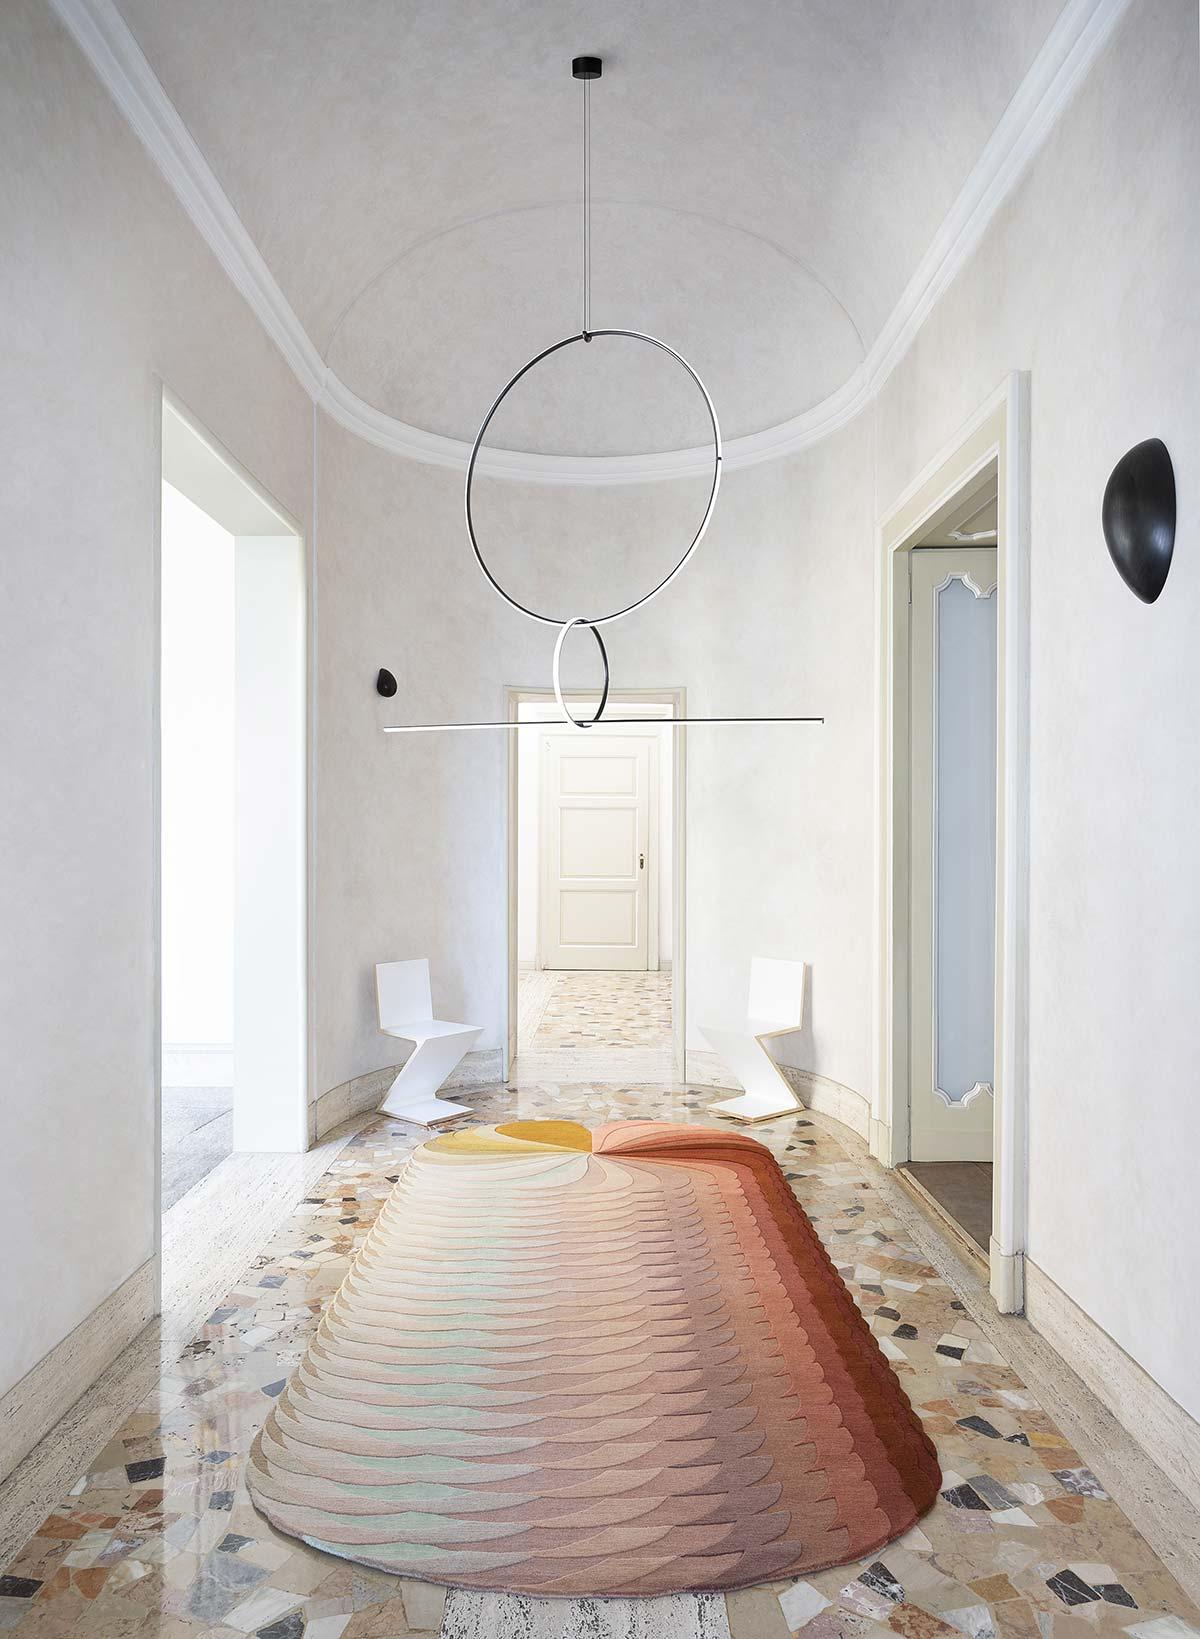 Slinkie by Patricia Urquiola, ©Beppe Brancato